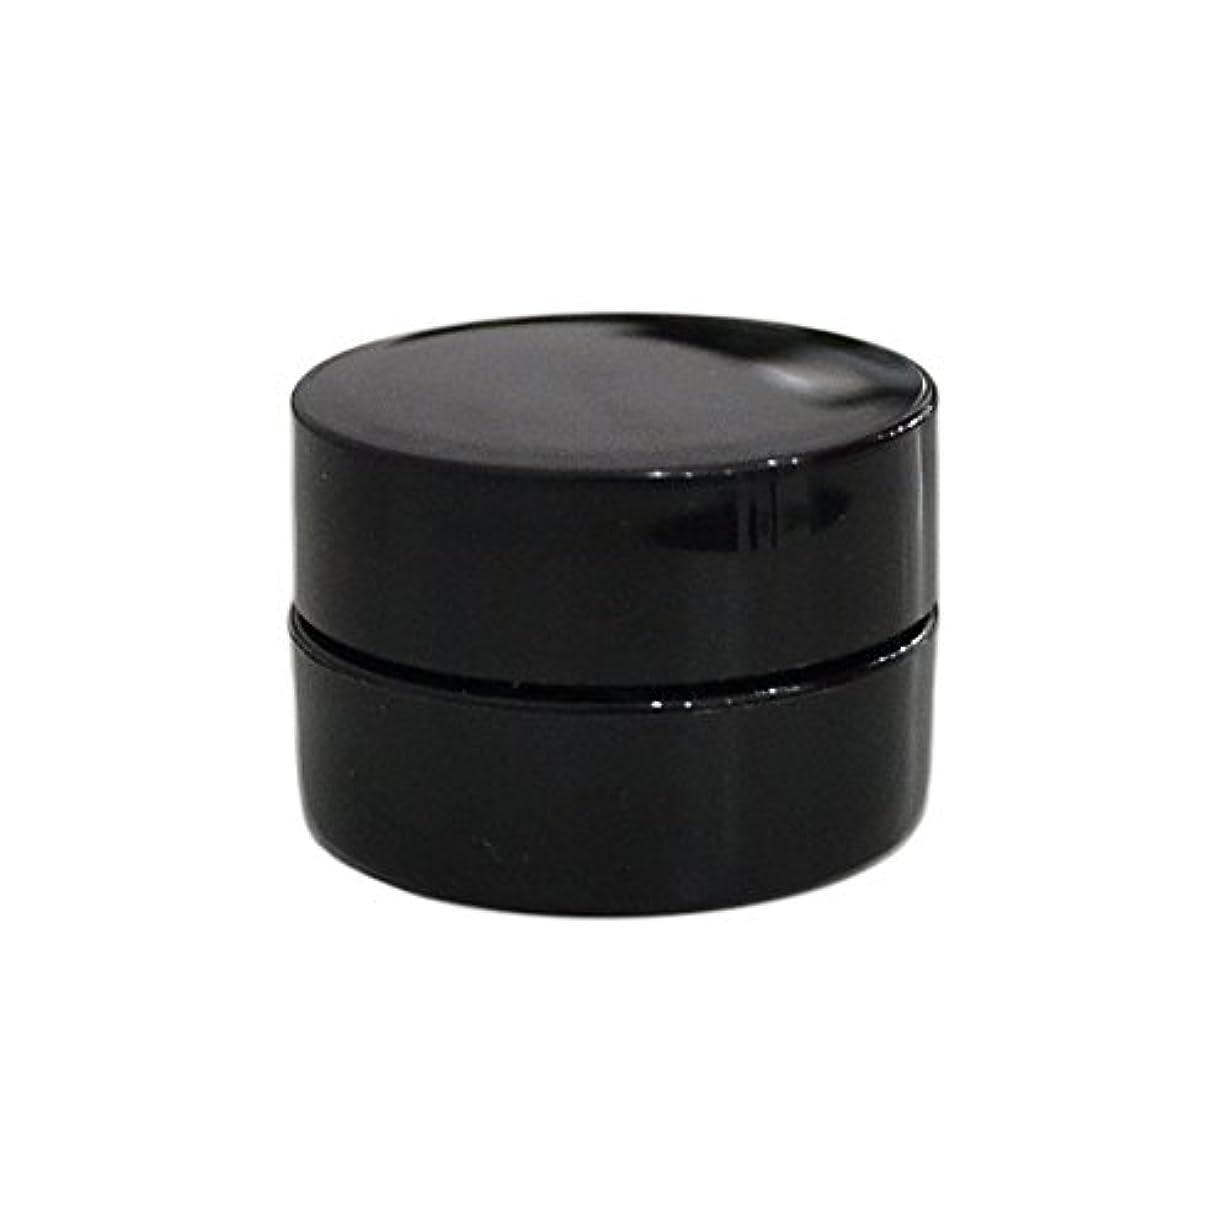 バイバイメディアシャー純国産ネイルジェルコンテナ 3g用 GA3g 漏れ防止パッキン&ブラシプレート付容器 ジェルを無駄なく使える底面傾斜あり 遮光 黒 ブラック